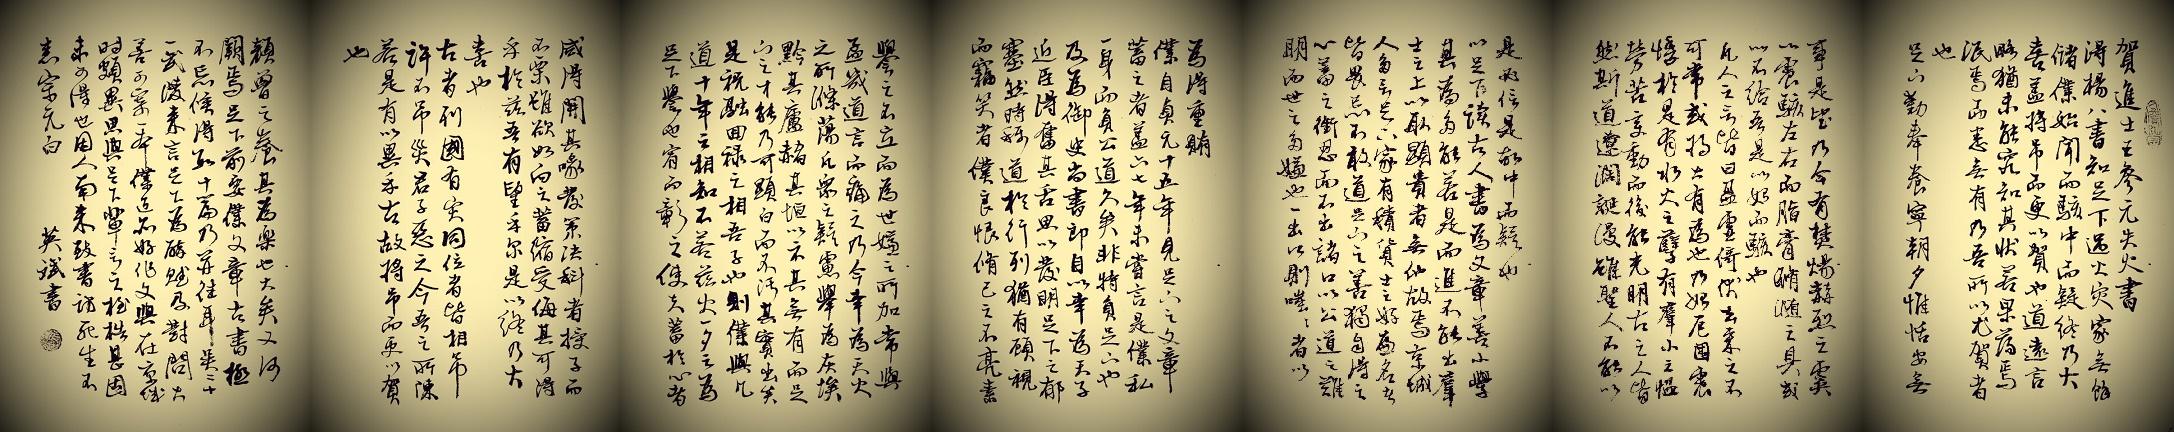 《贺进士王参元失火书》柳宗元文言文原文注释翻译 7 70